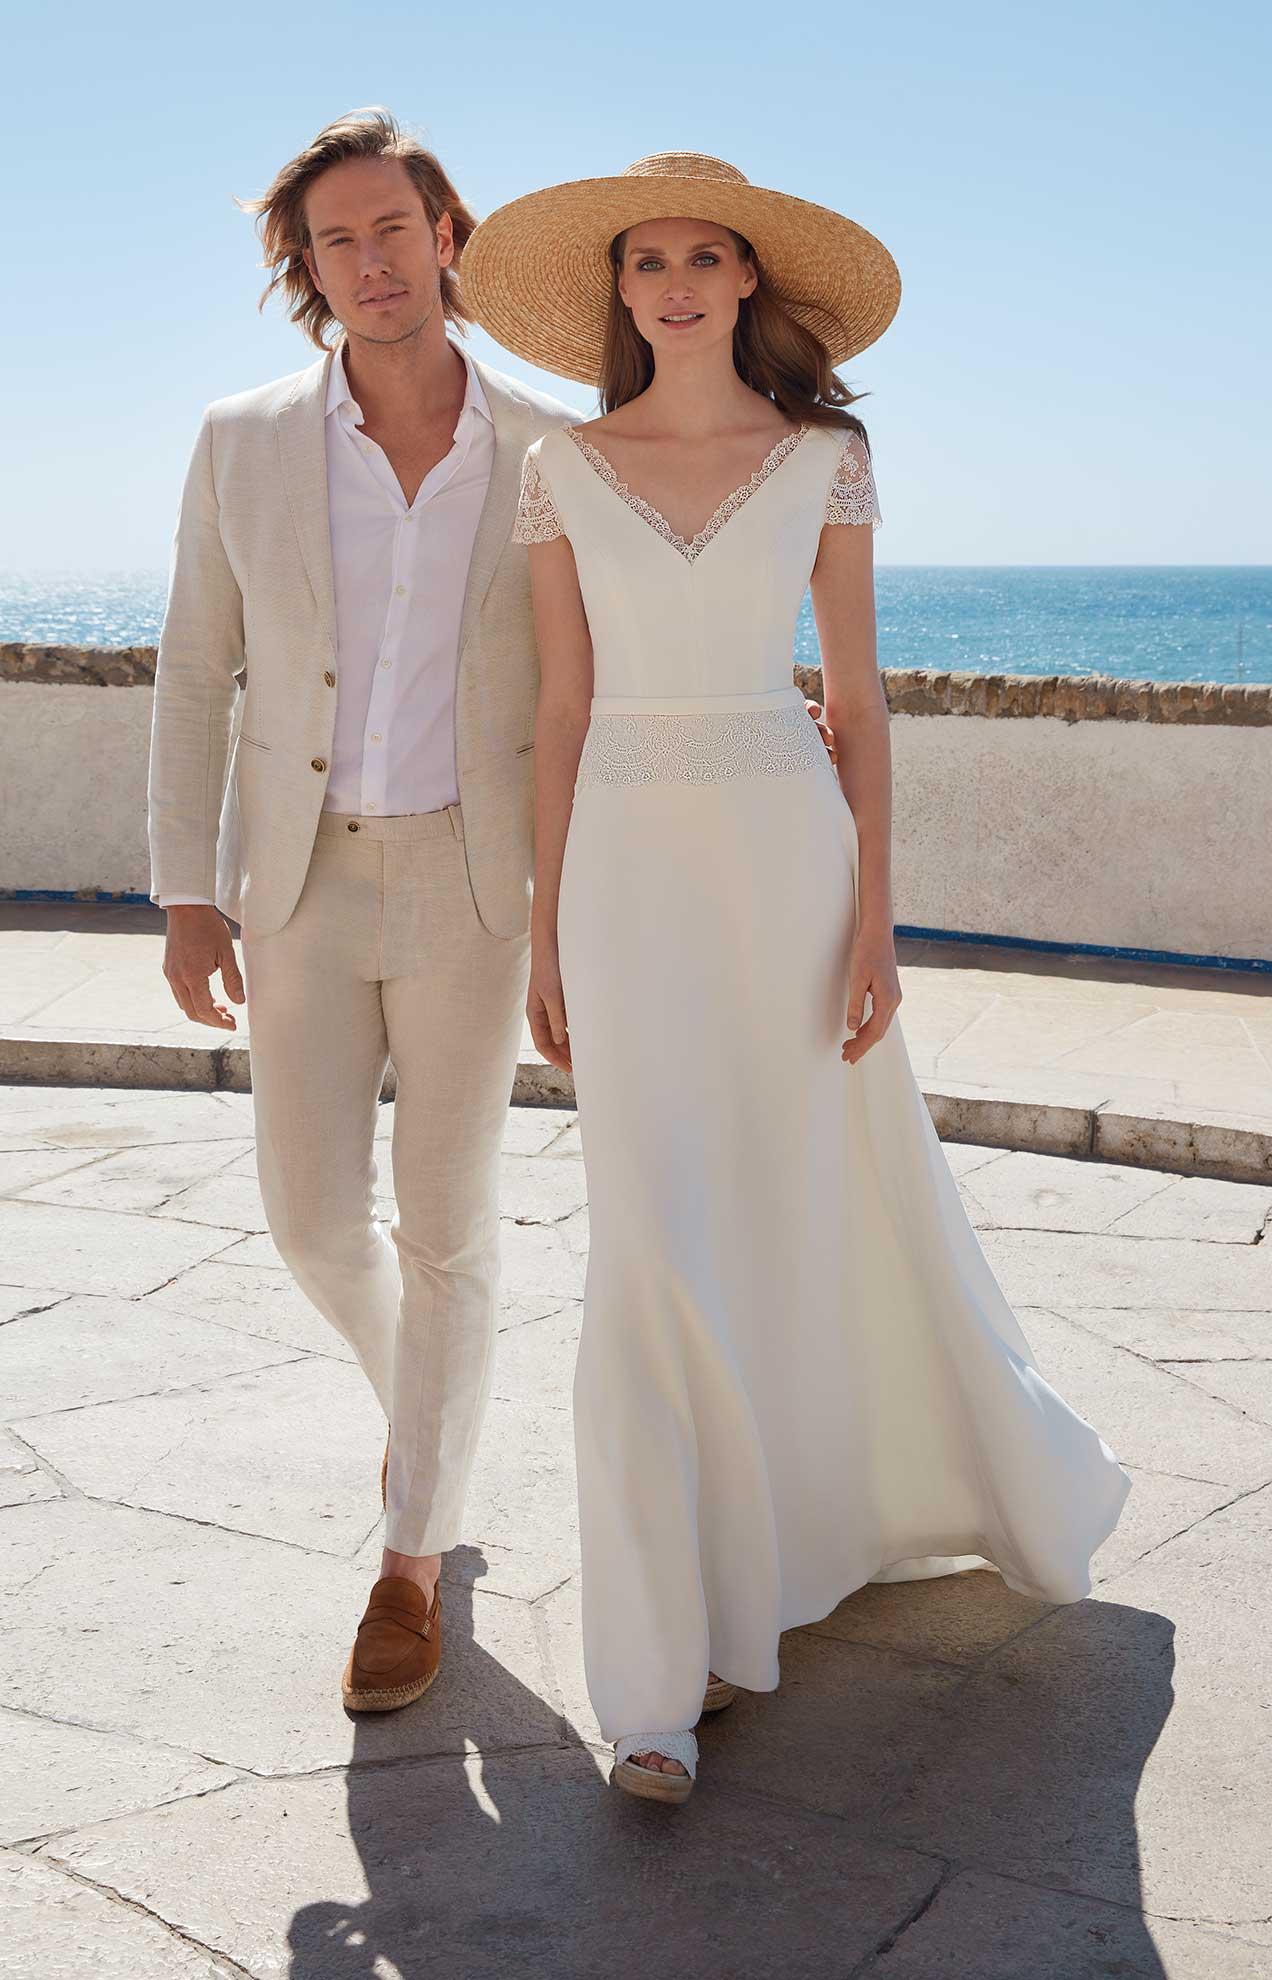 vestido novia en playa valencia